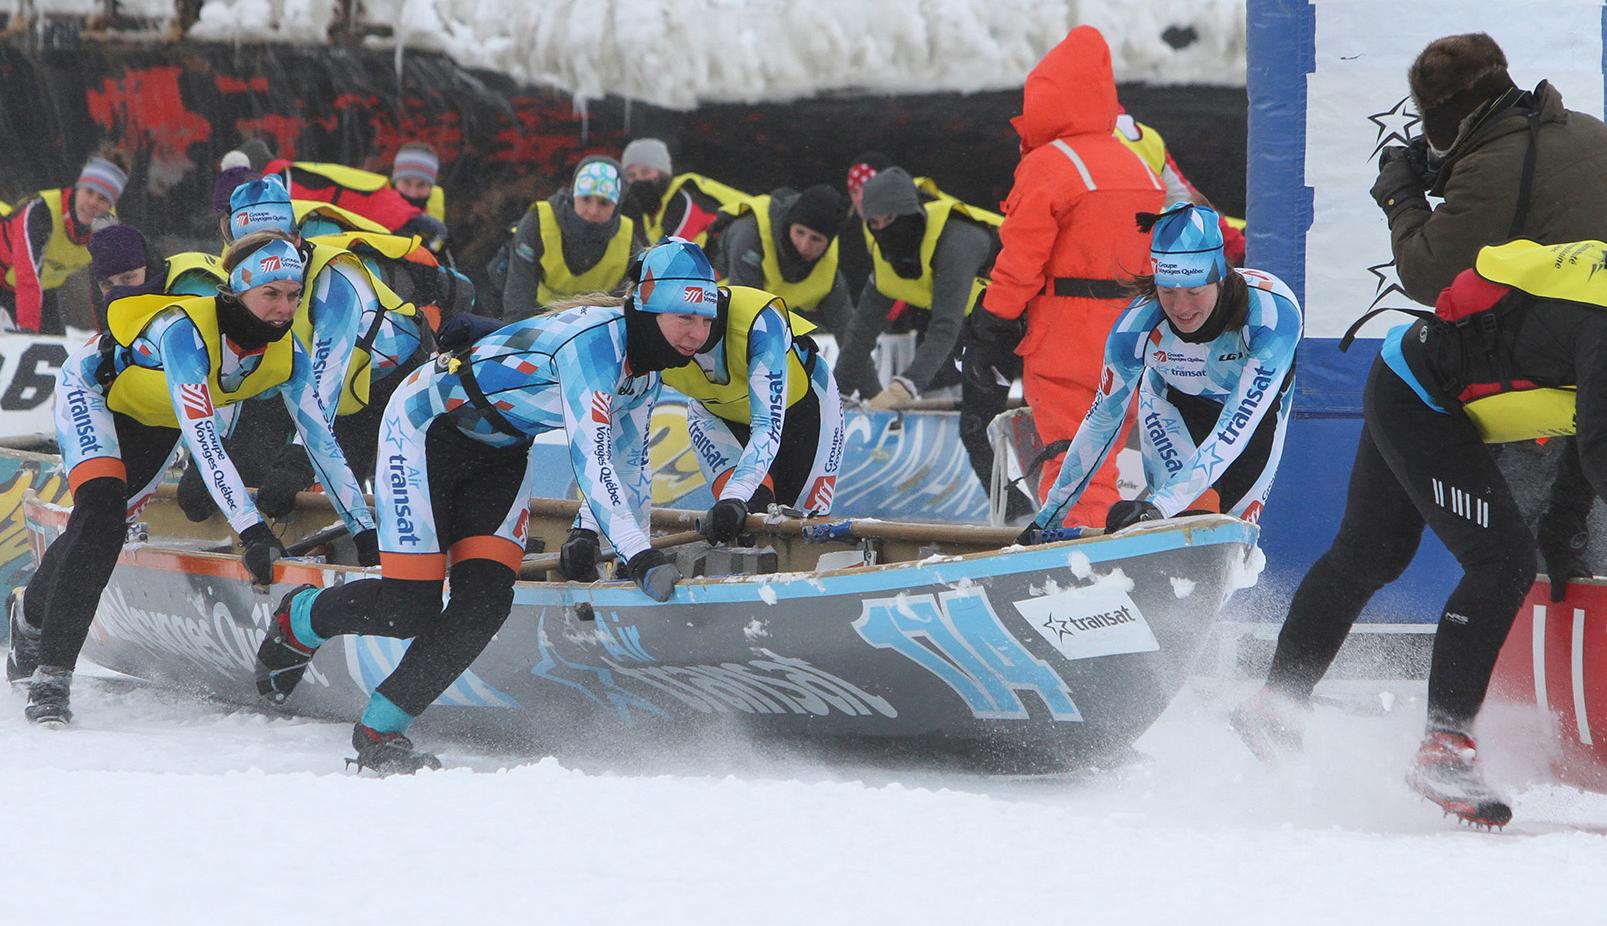 La course en canots à glace du Carnaval de Québec disputée par un froid extrême